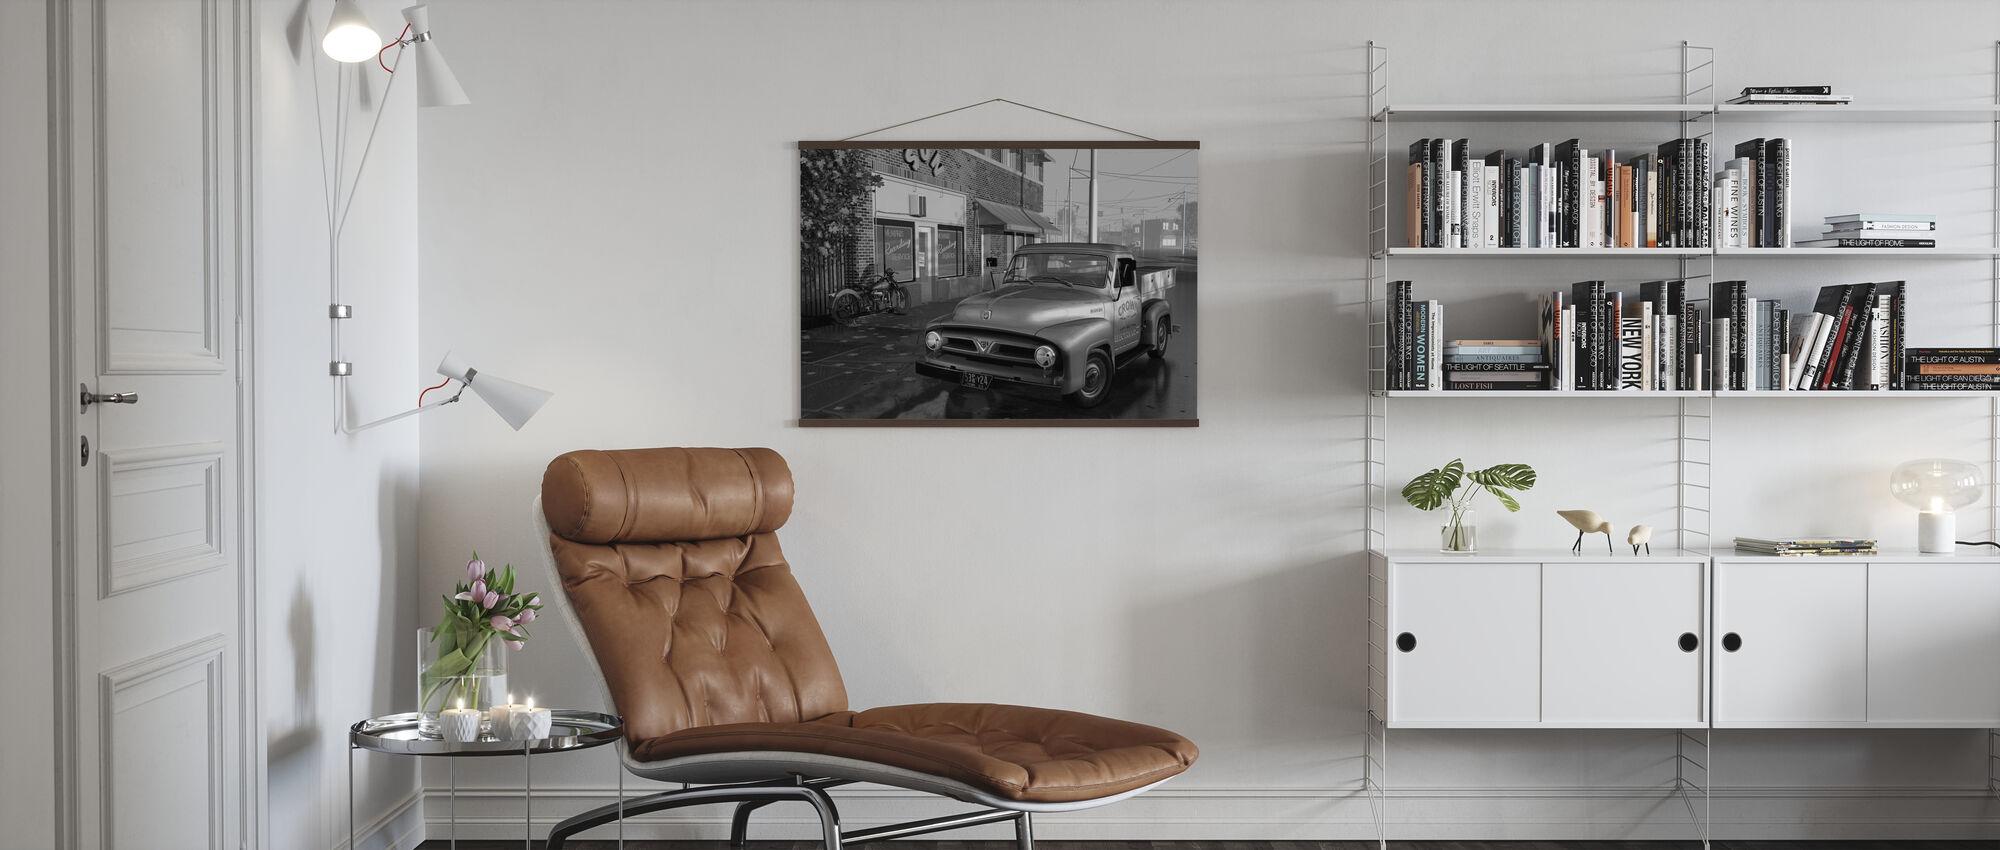 Truck BW - Poster - Living Room